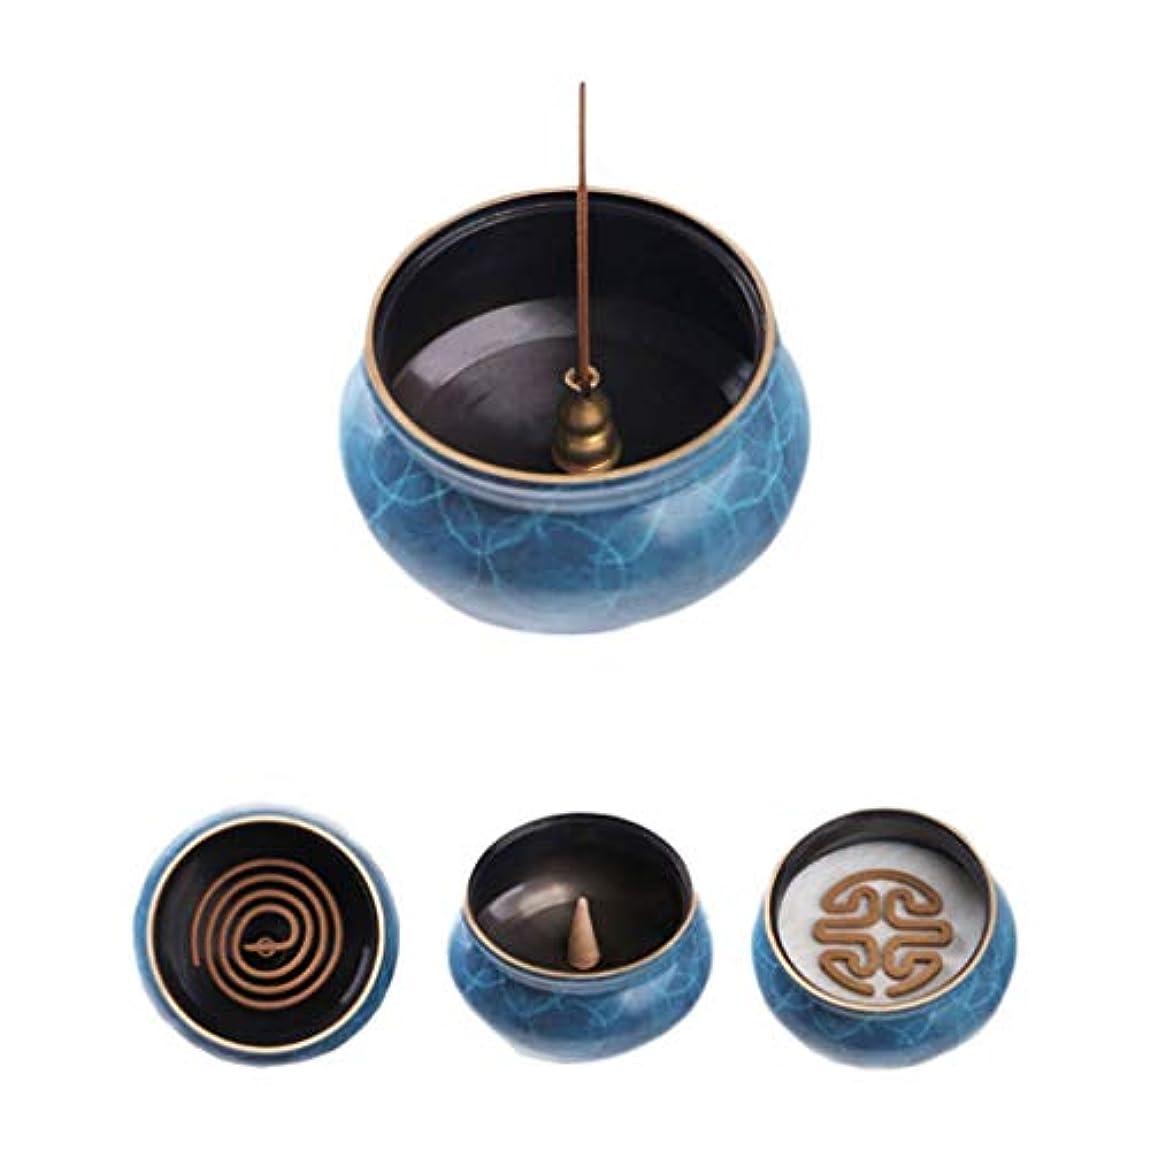 再生可能談話パイプホームアロマバーナー 純粋な銅香炉ホームアンティーク白檀用仏寒天香炉香り装飾アロマセラピー炉 アロマバーナー (Color : Blue copper)